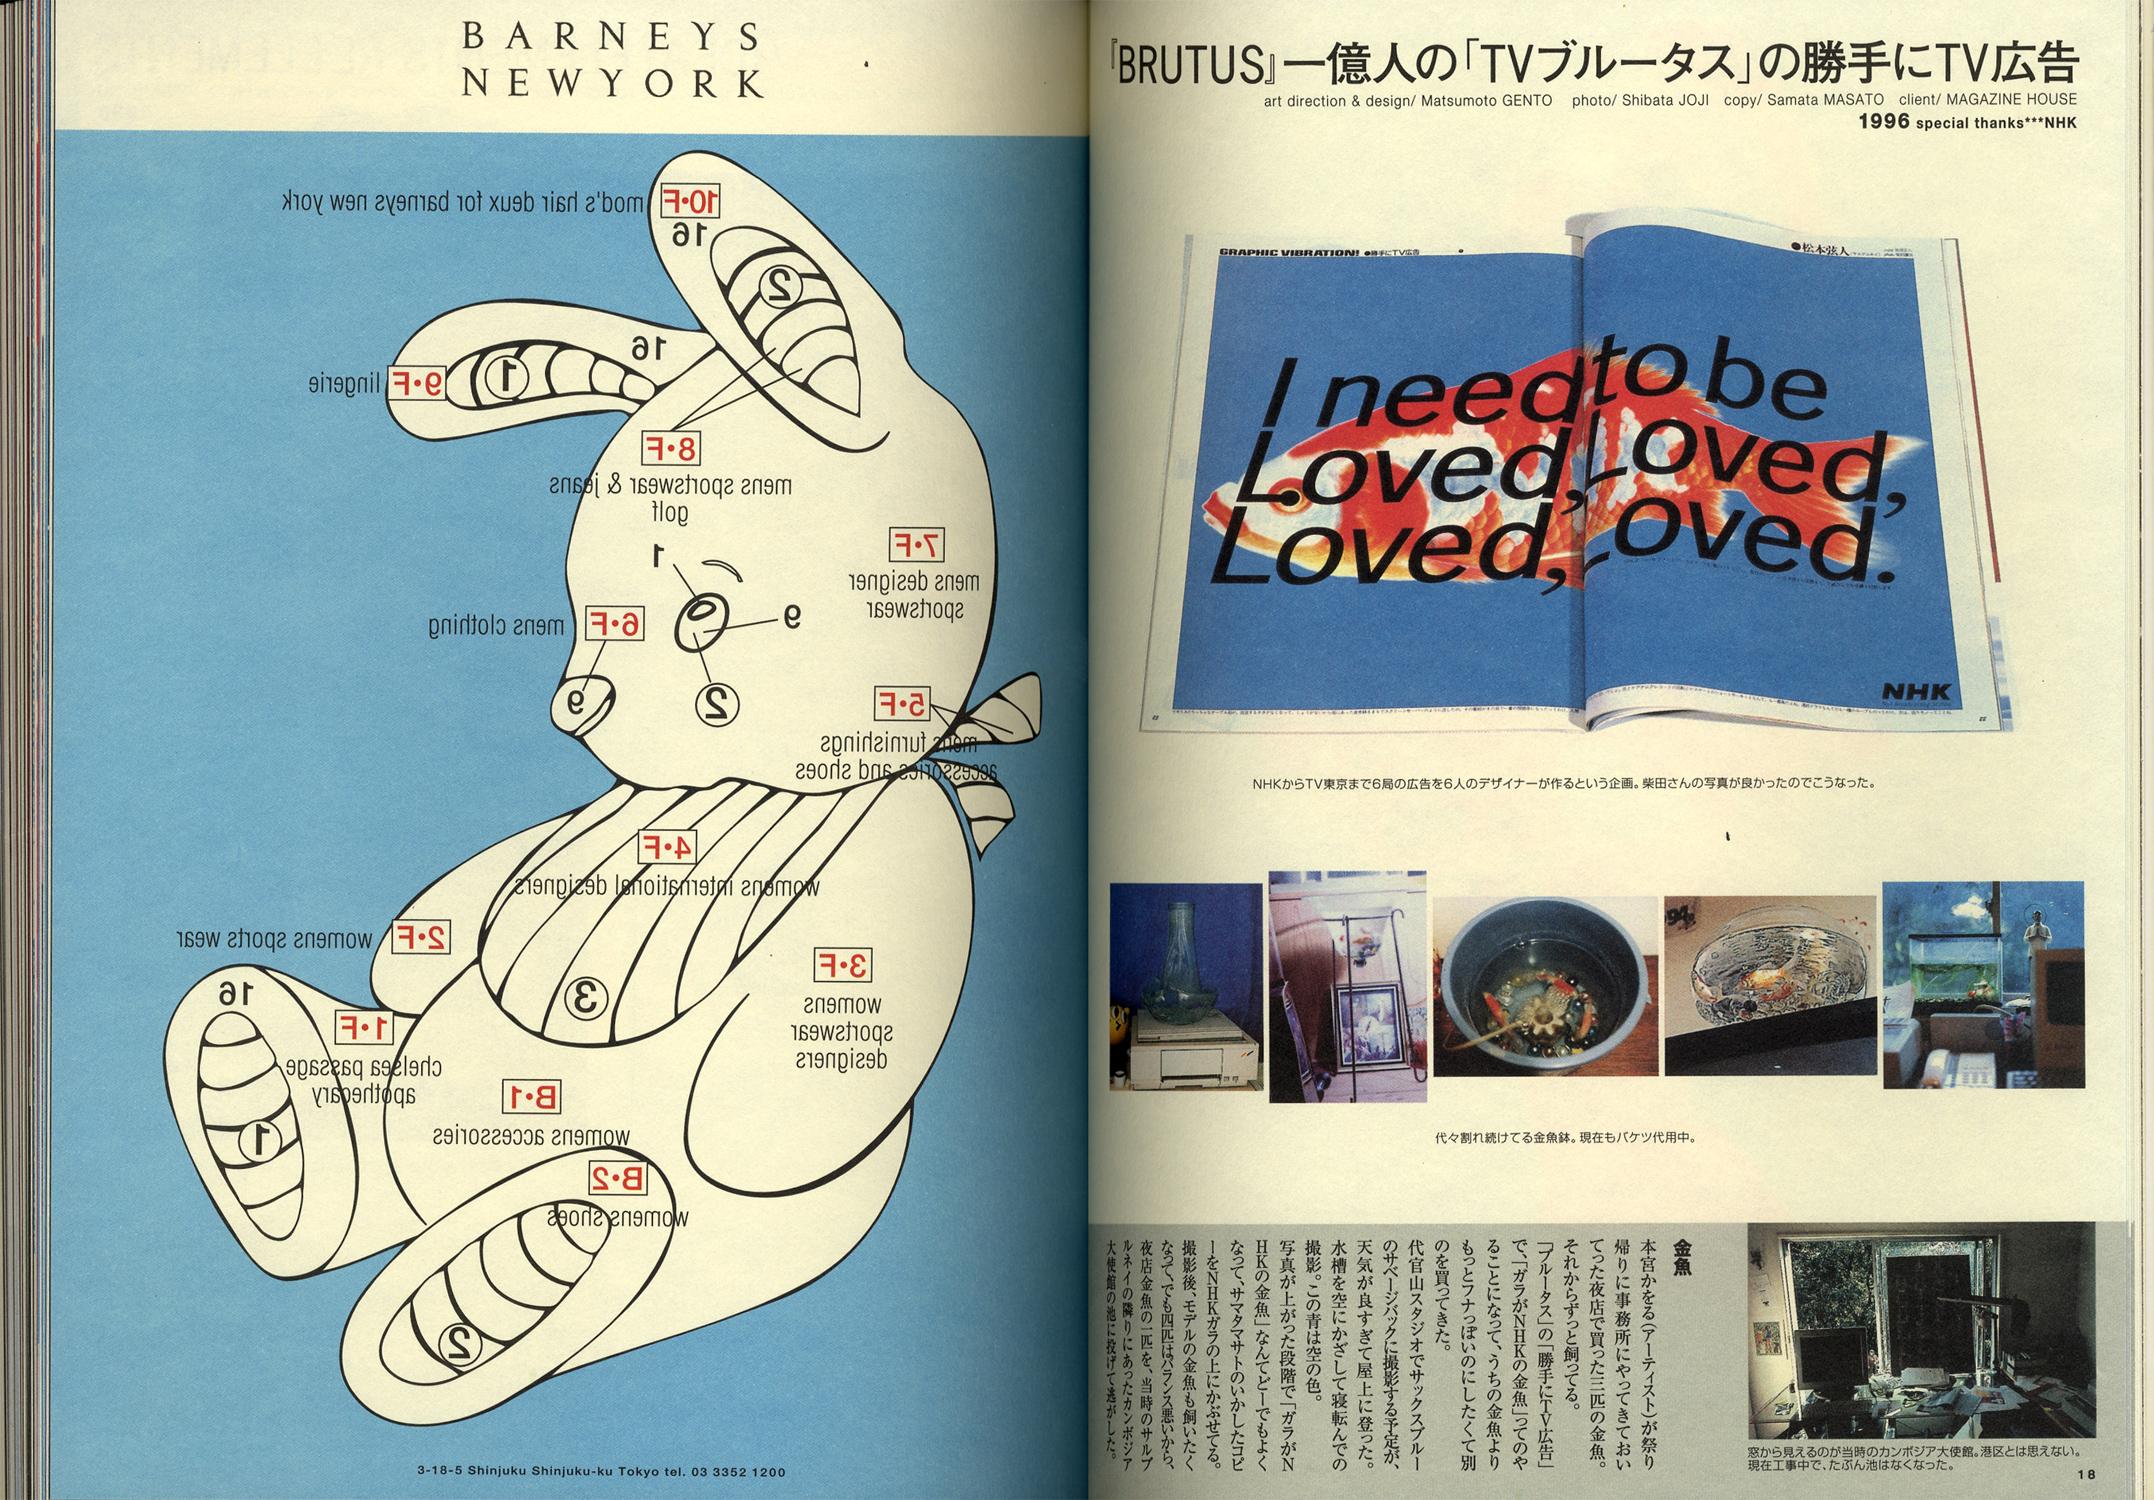 松本弦人の仕事と周辺 Director and Designer SCAN #1[image2]